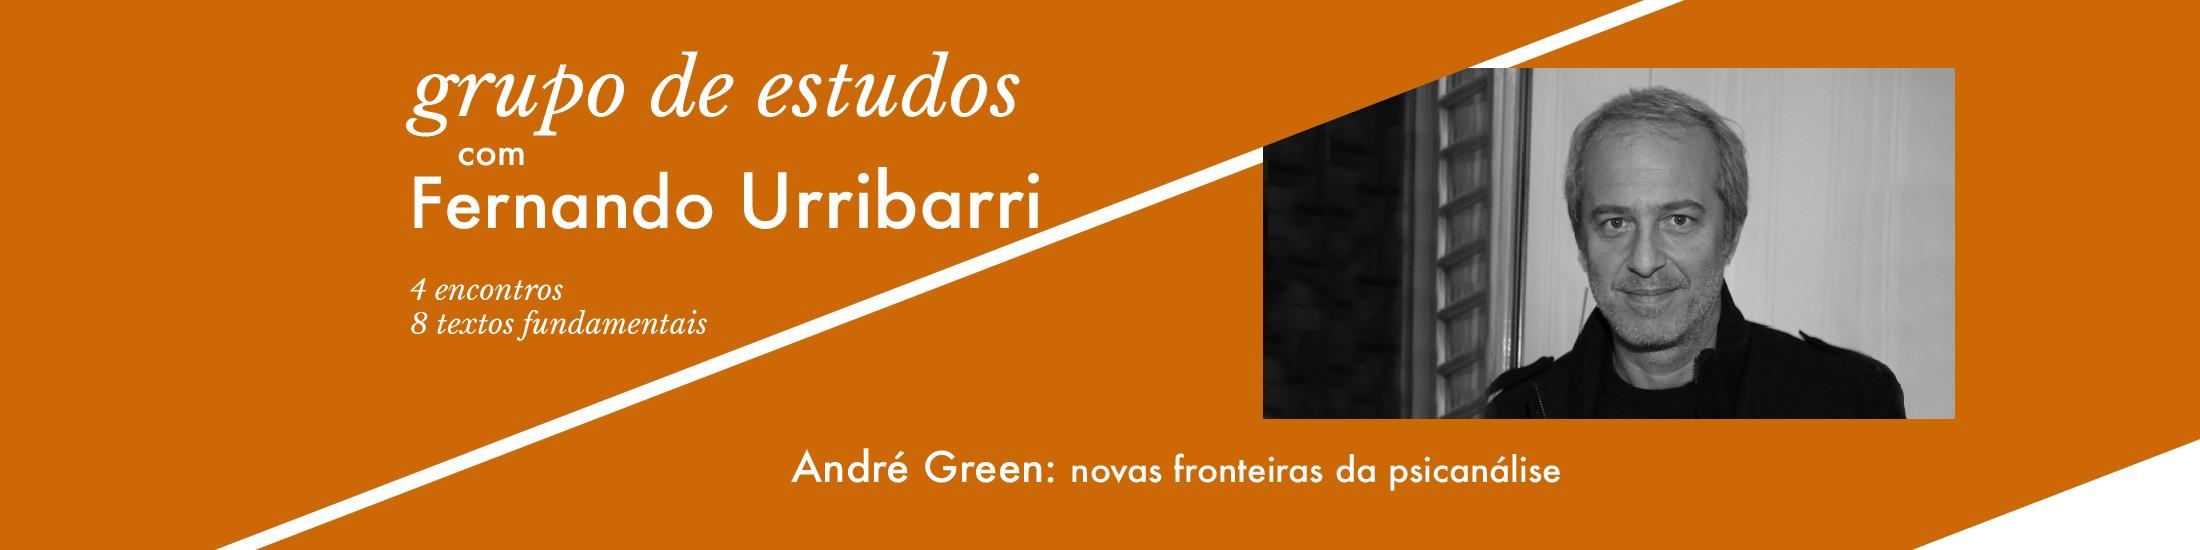 Grupo de estudos com Fernando Urribarri